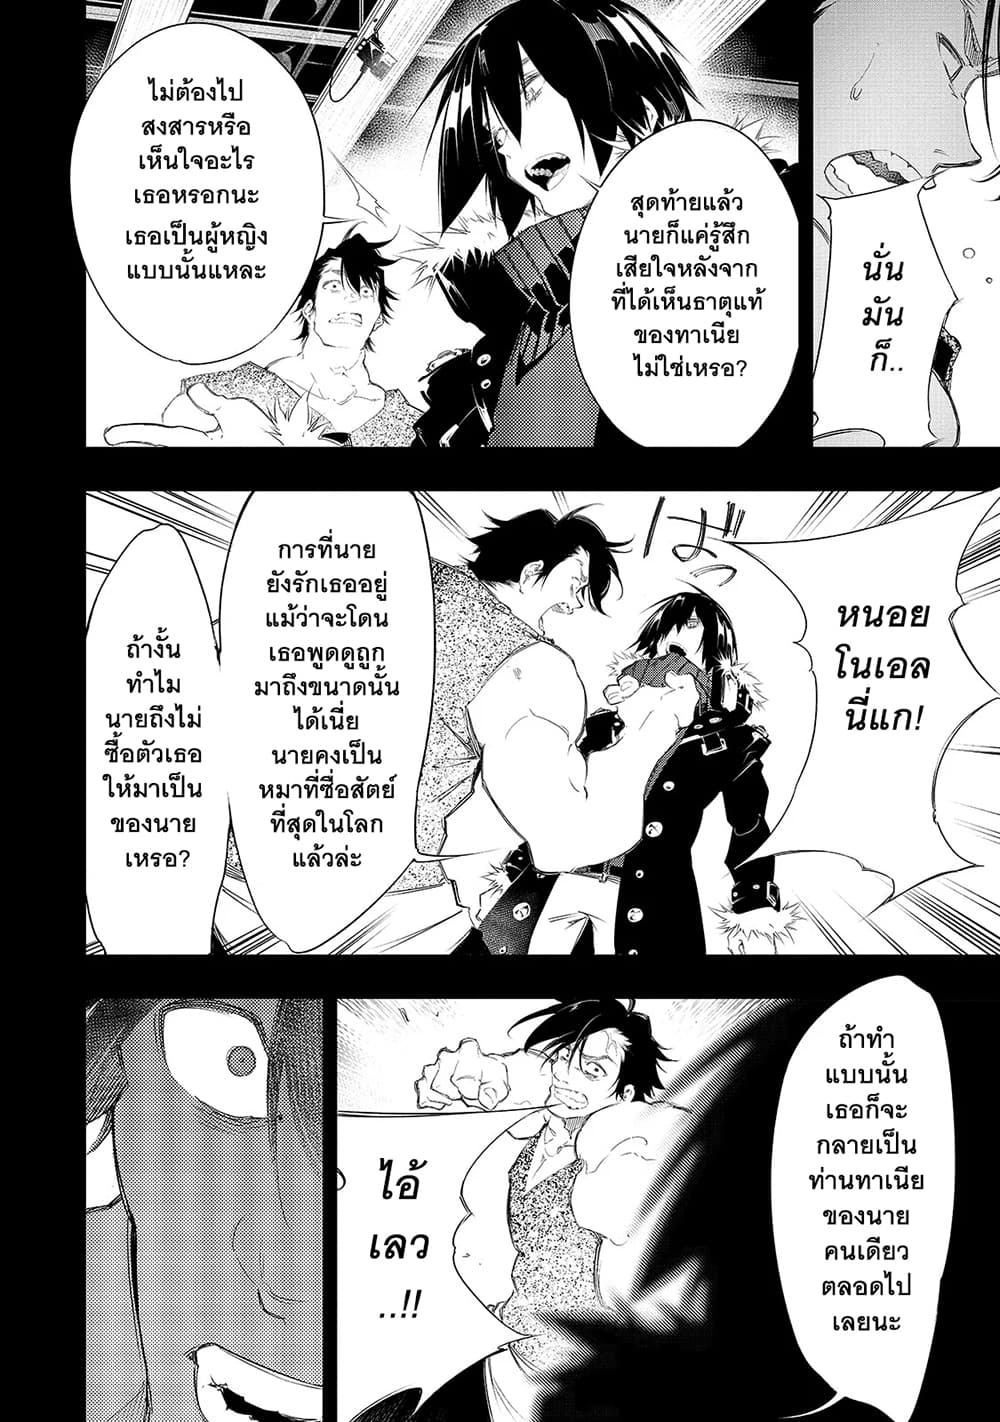 อ่านการ์ตูน Saikyou no Shien-shoku Wajutsushi Dearu Ore wa Sekai Saikyou Kuran o Shitagaeru ตอนที่ 8 หน้าที่ 7